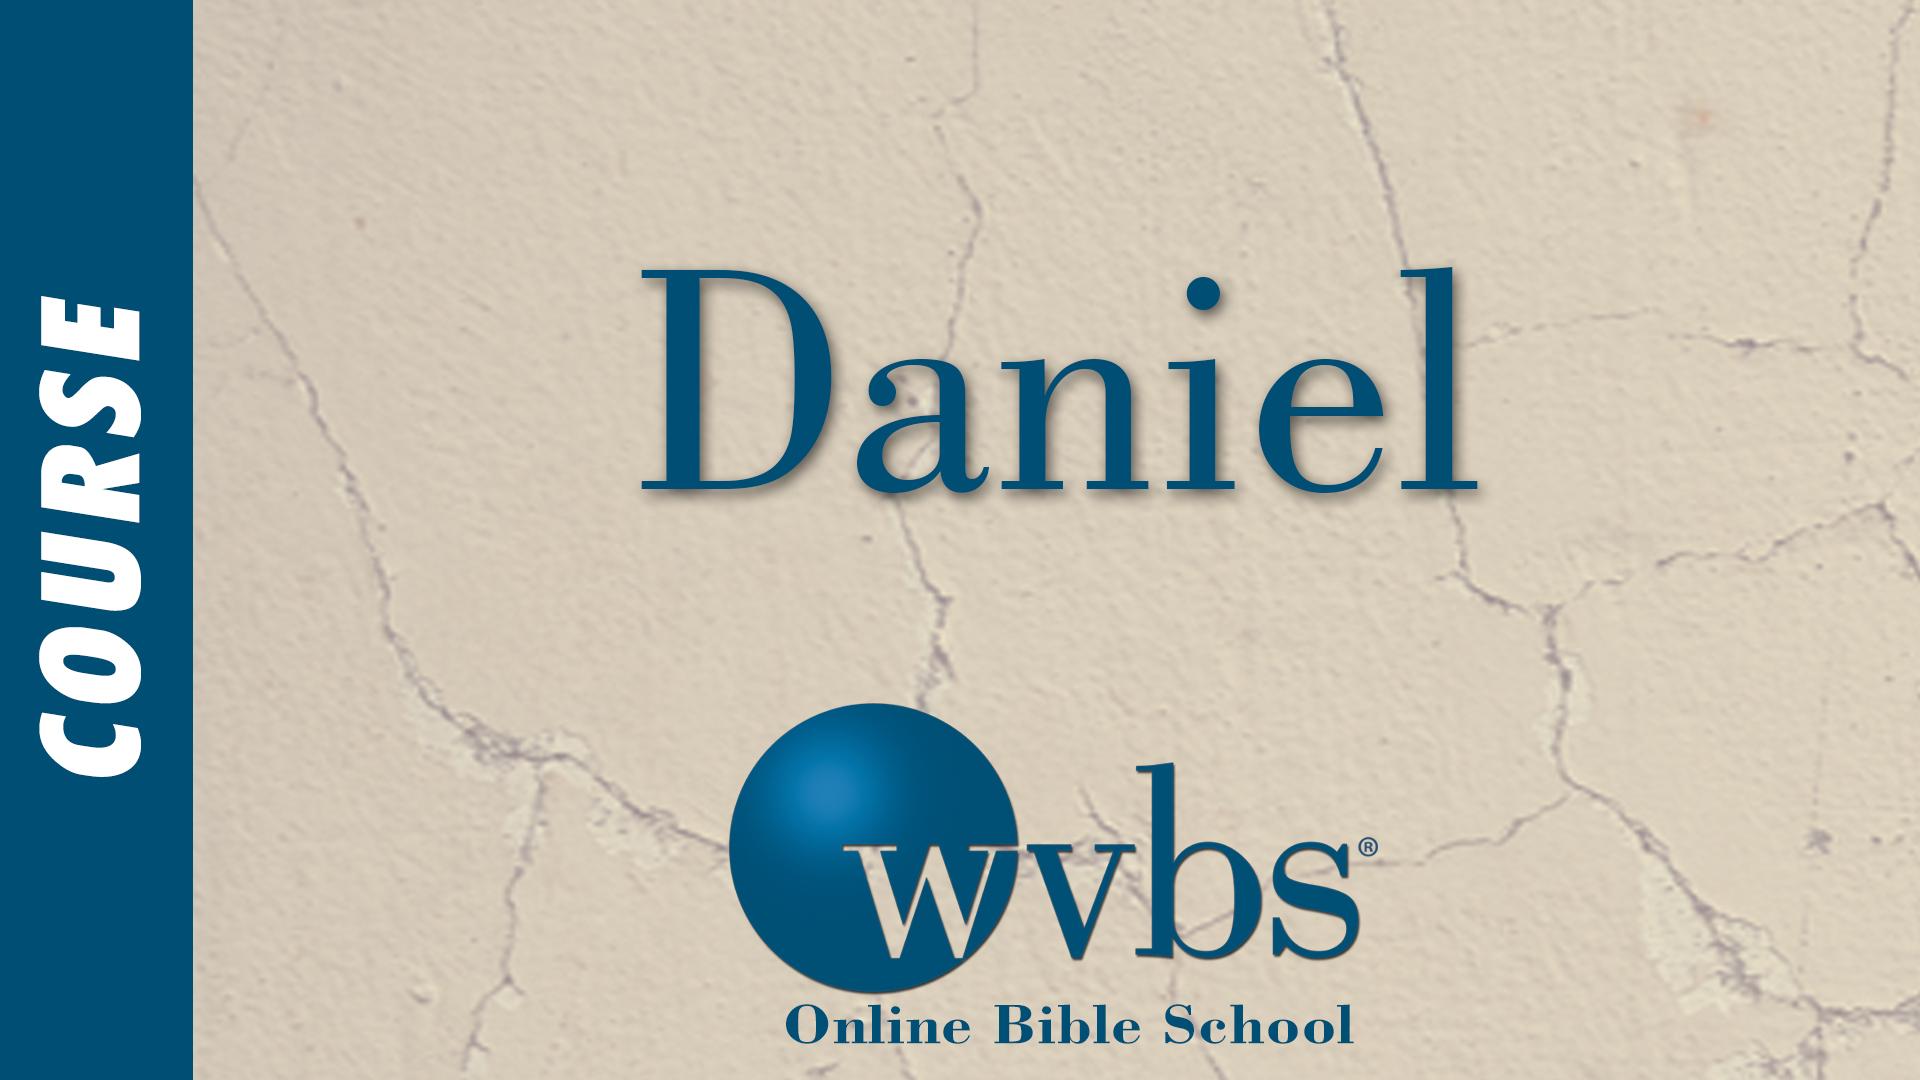 Daniel (Online Bible School)